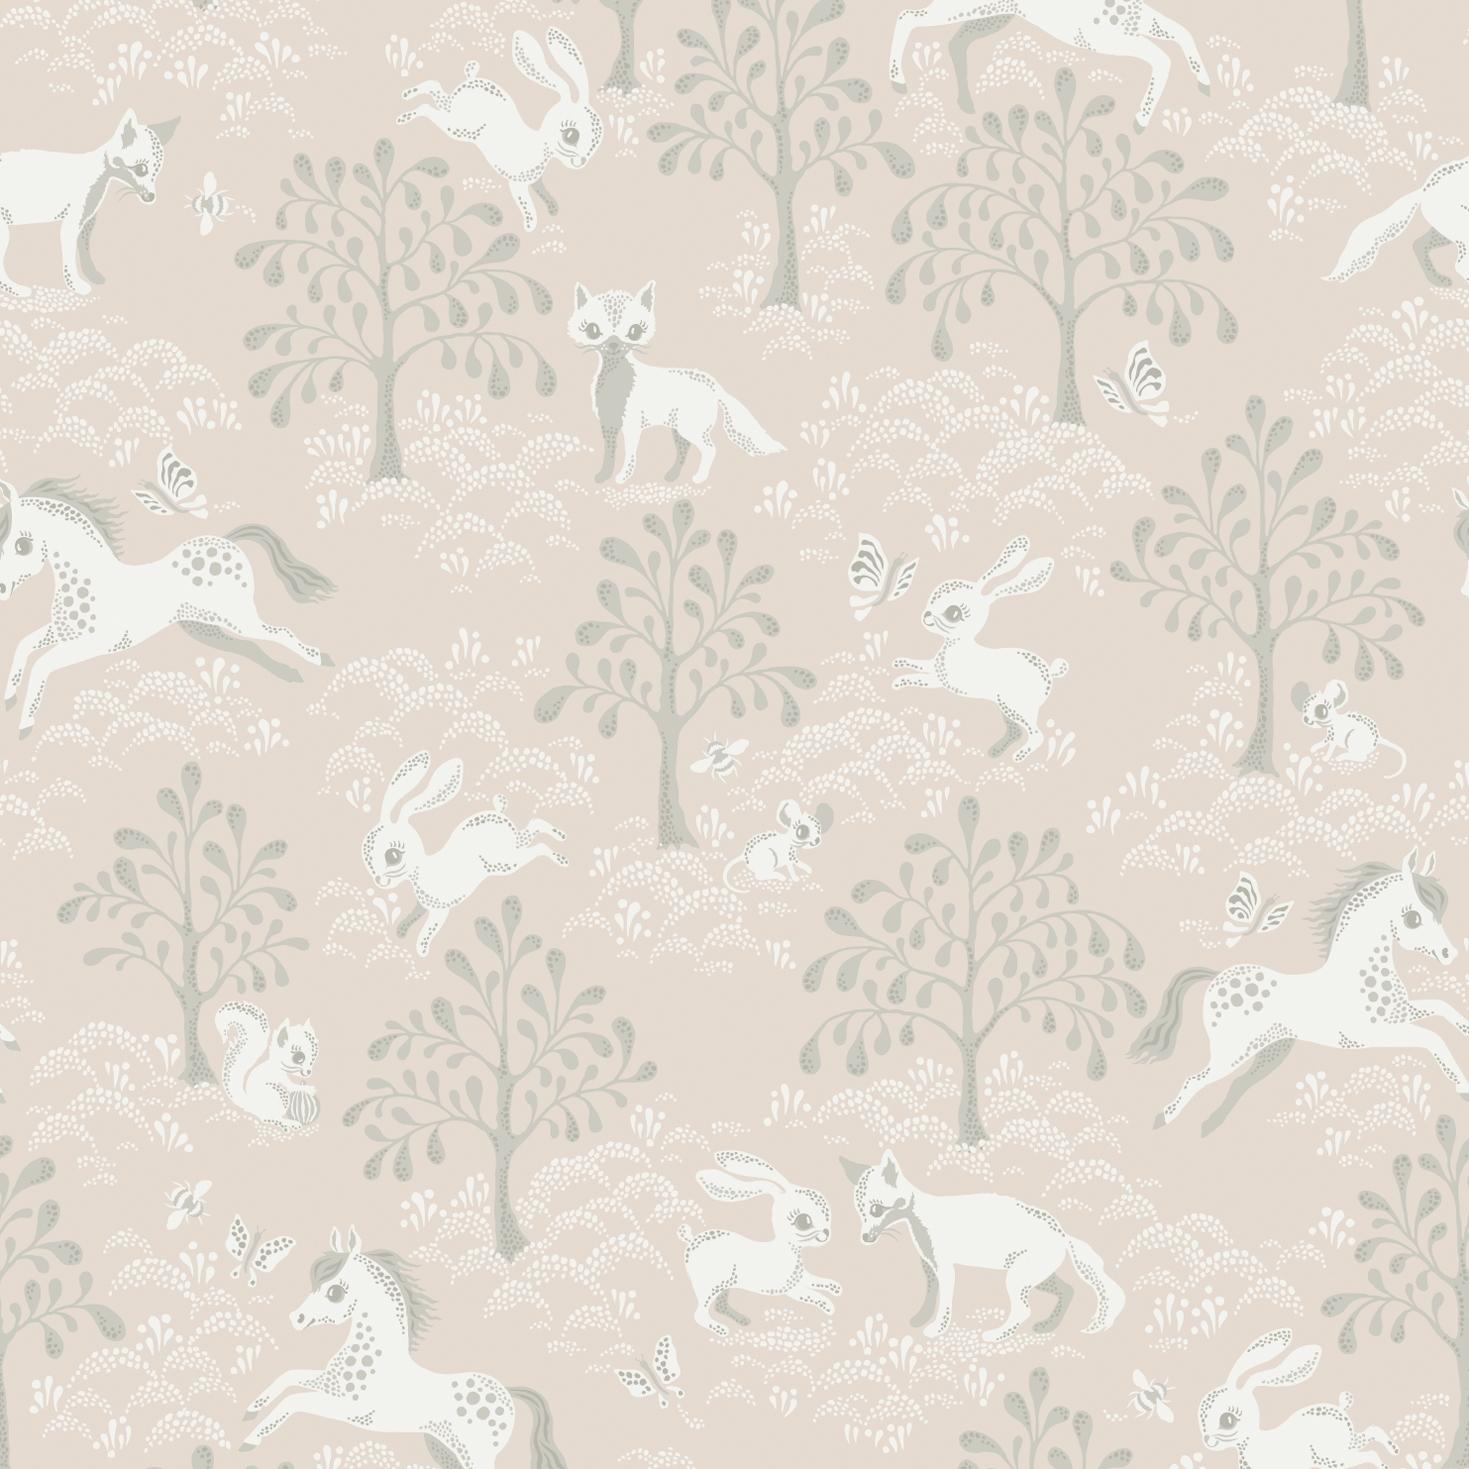 Tapet Fairytale fox - Dusty pink, Littlephant